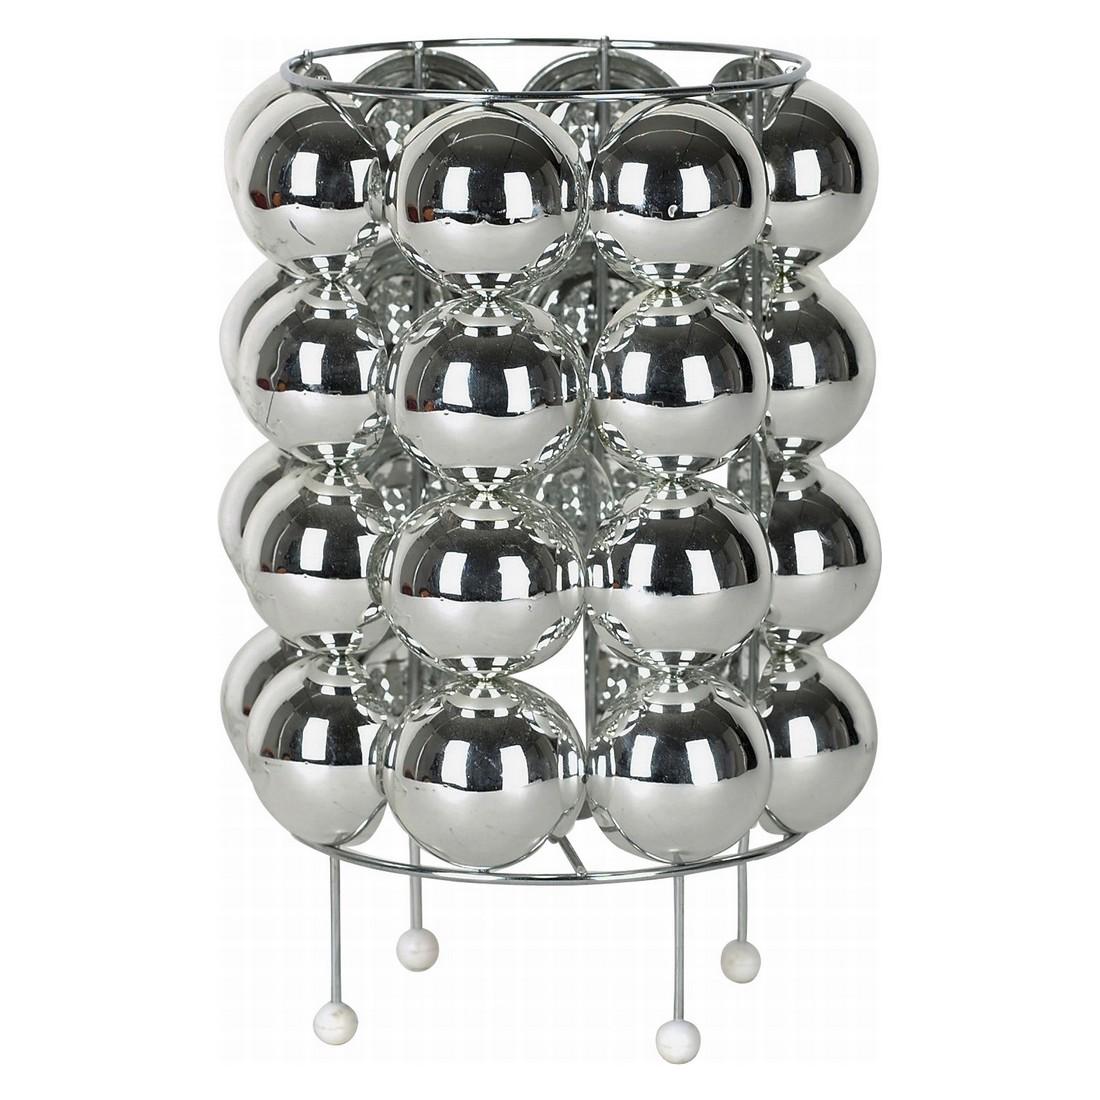 Tischlampe Bulb Bubbles Chrom – Eisen verchromt – ABS-Kunststoff – 1x E14 – max. 40W – 230V – 50/60Hz Grau, Kare Design günstig